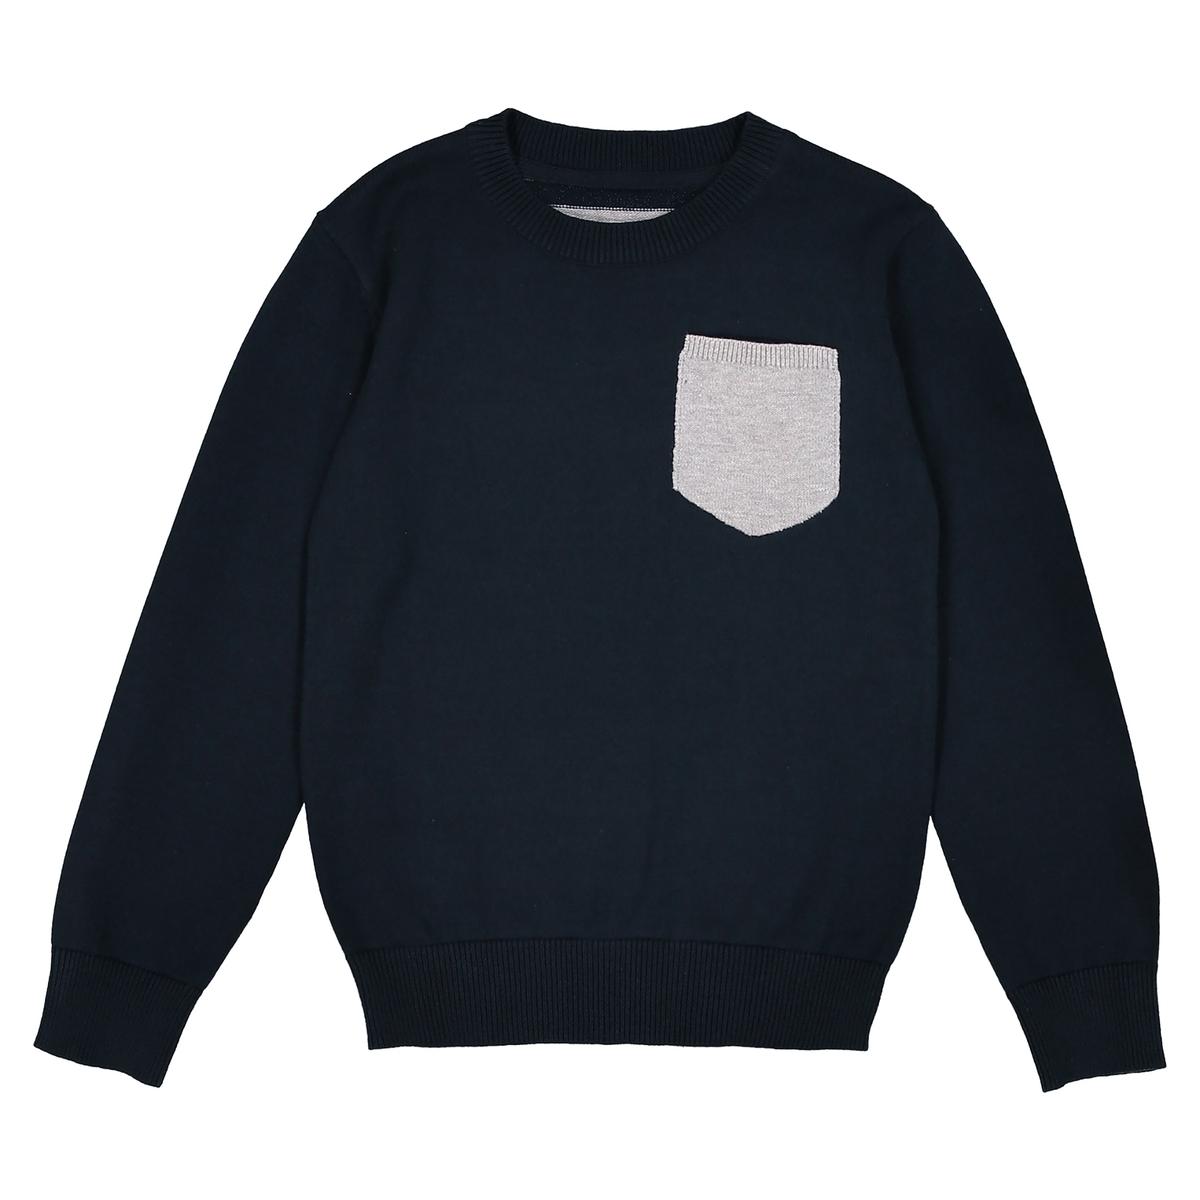 Пуловер в полоску сзади, 3-12 лет